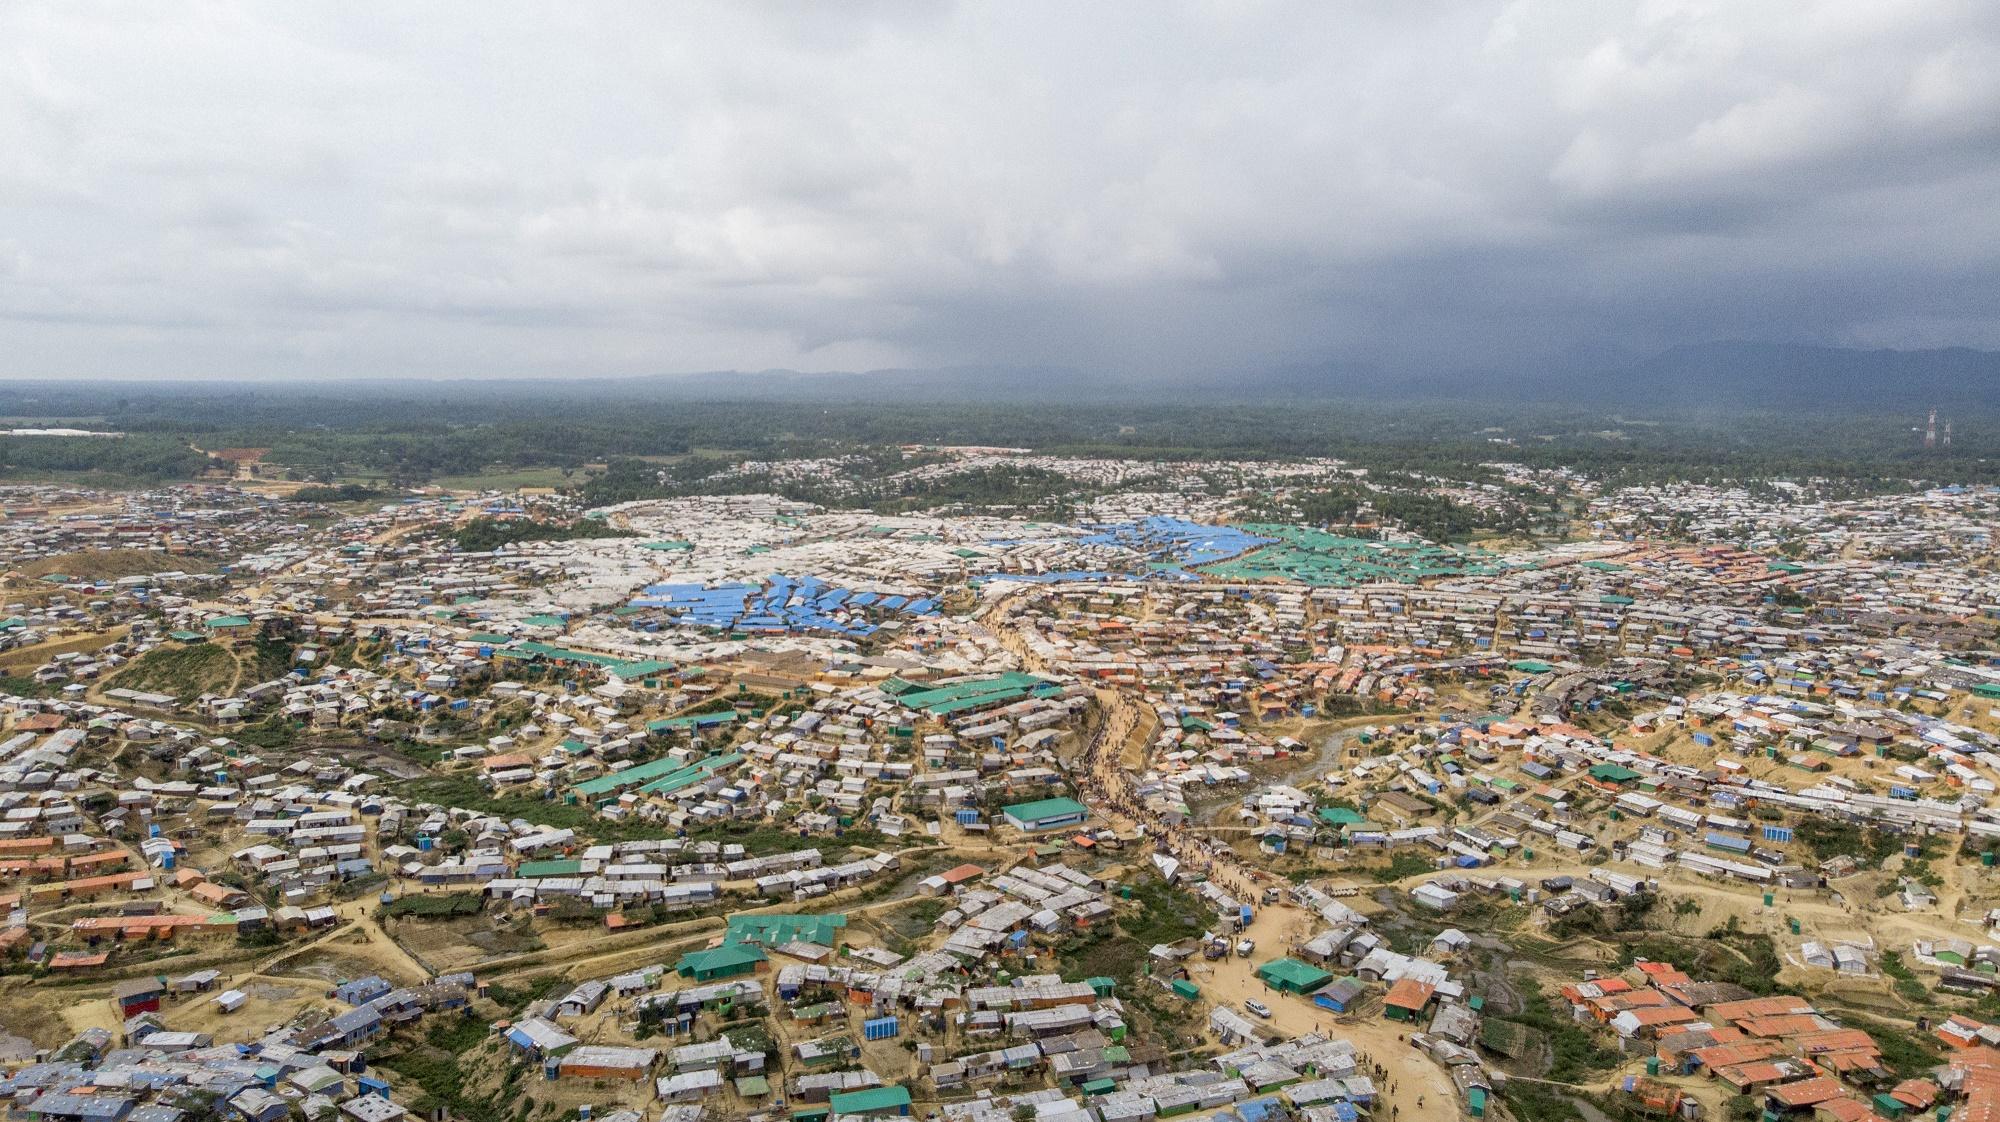 রোহিঙ্গা সংকটের সমাধান প্রত্যাবাসনের মধ্যেই নিহিত : জাতিসংঘে বাংলাদেশ